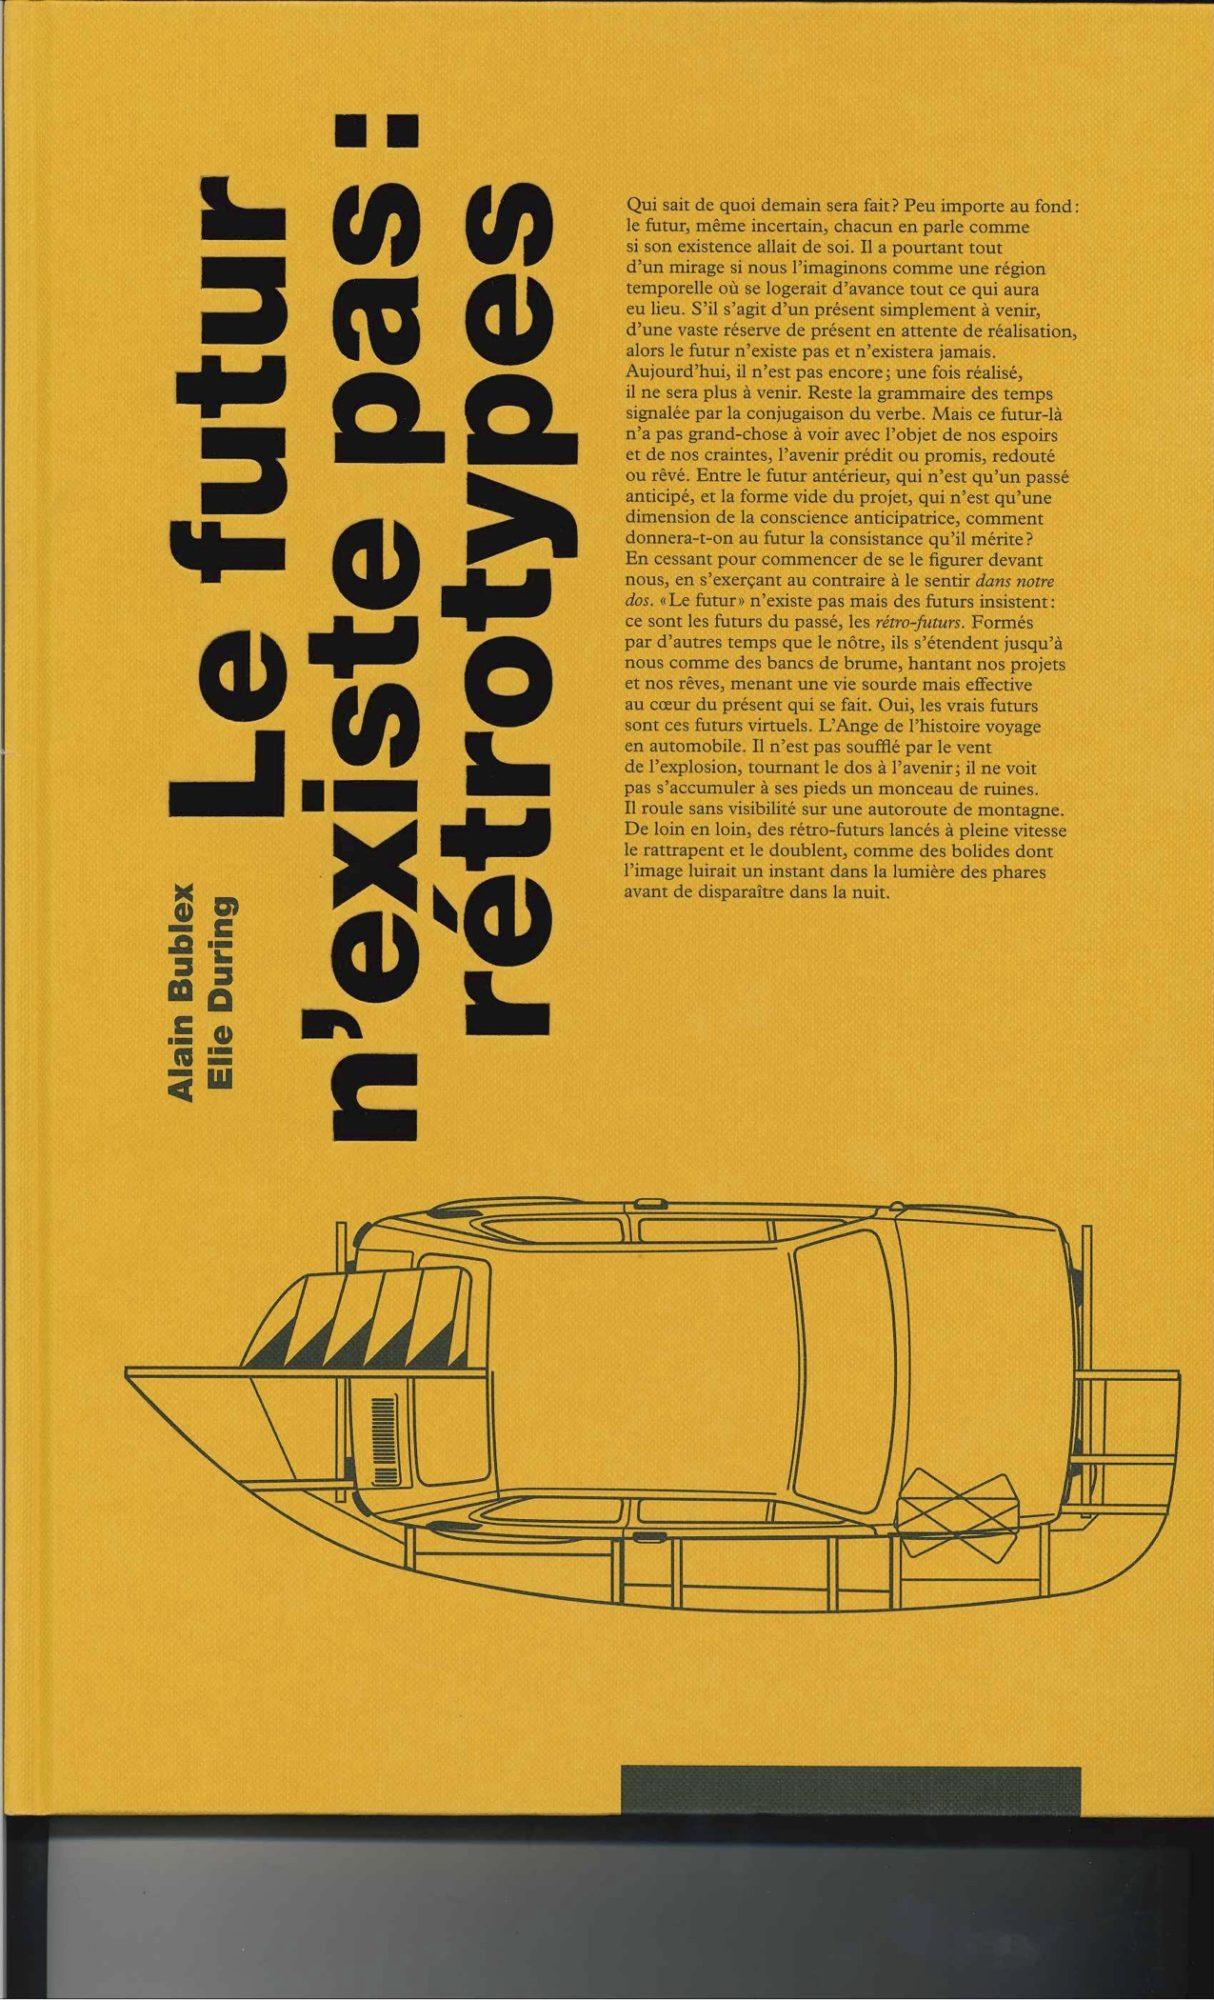 Le futur n'existe pas : rétrotypes - Galerie Georges-Philippe & Nathalie Vallois